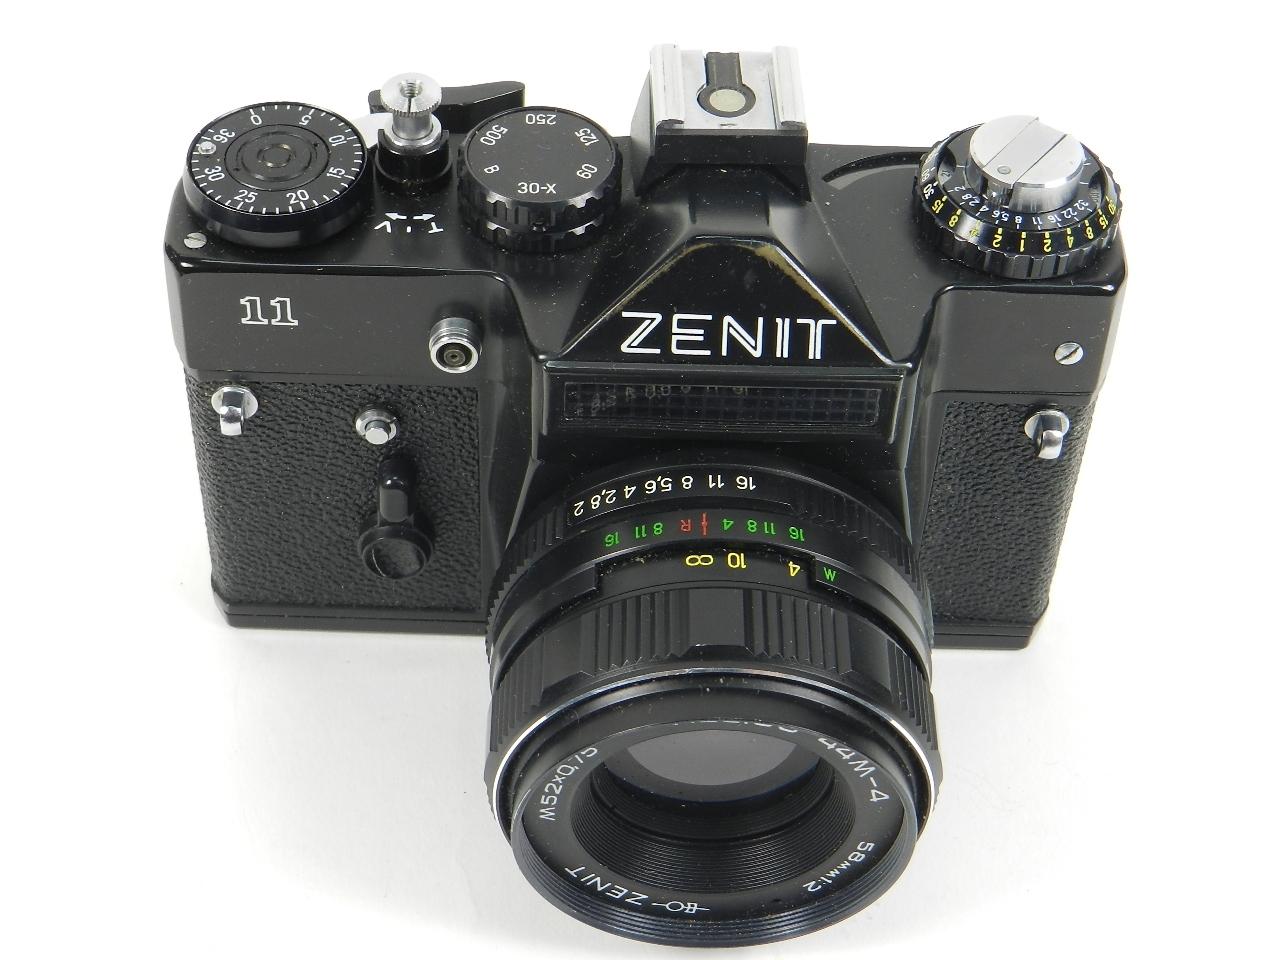 Imagen ZENIT 11 + HELIOS M-4  58mm 1:2 30397